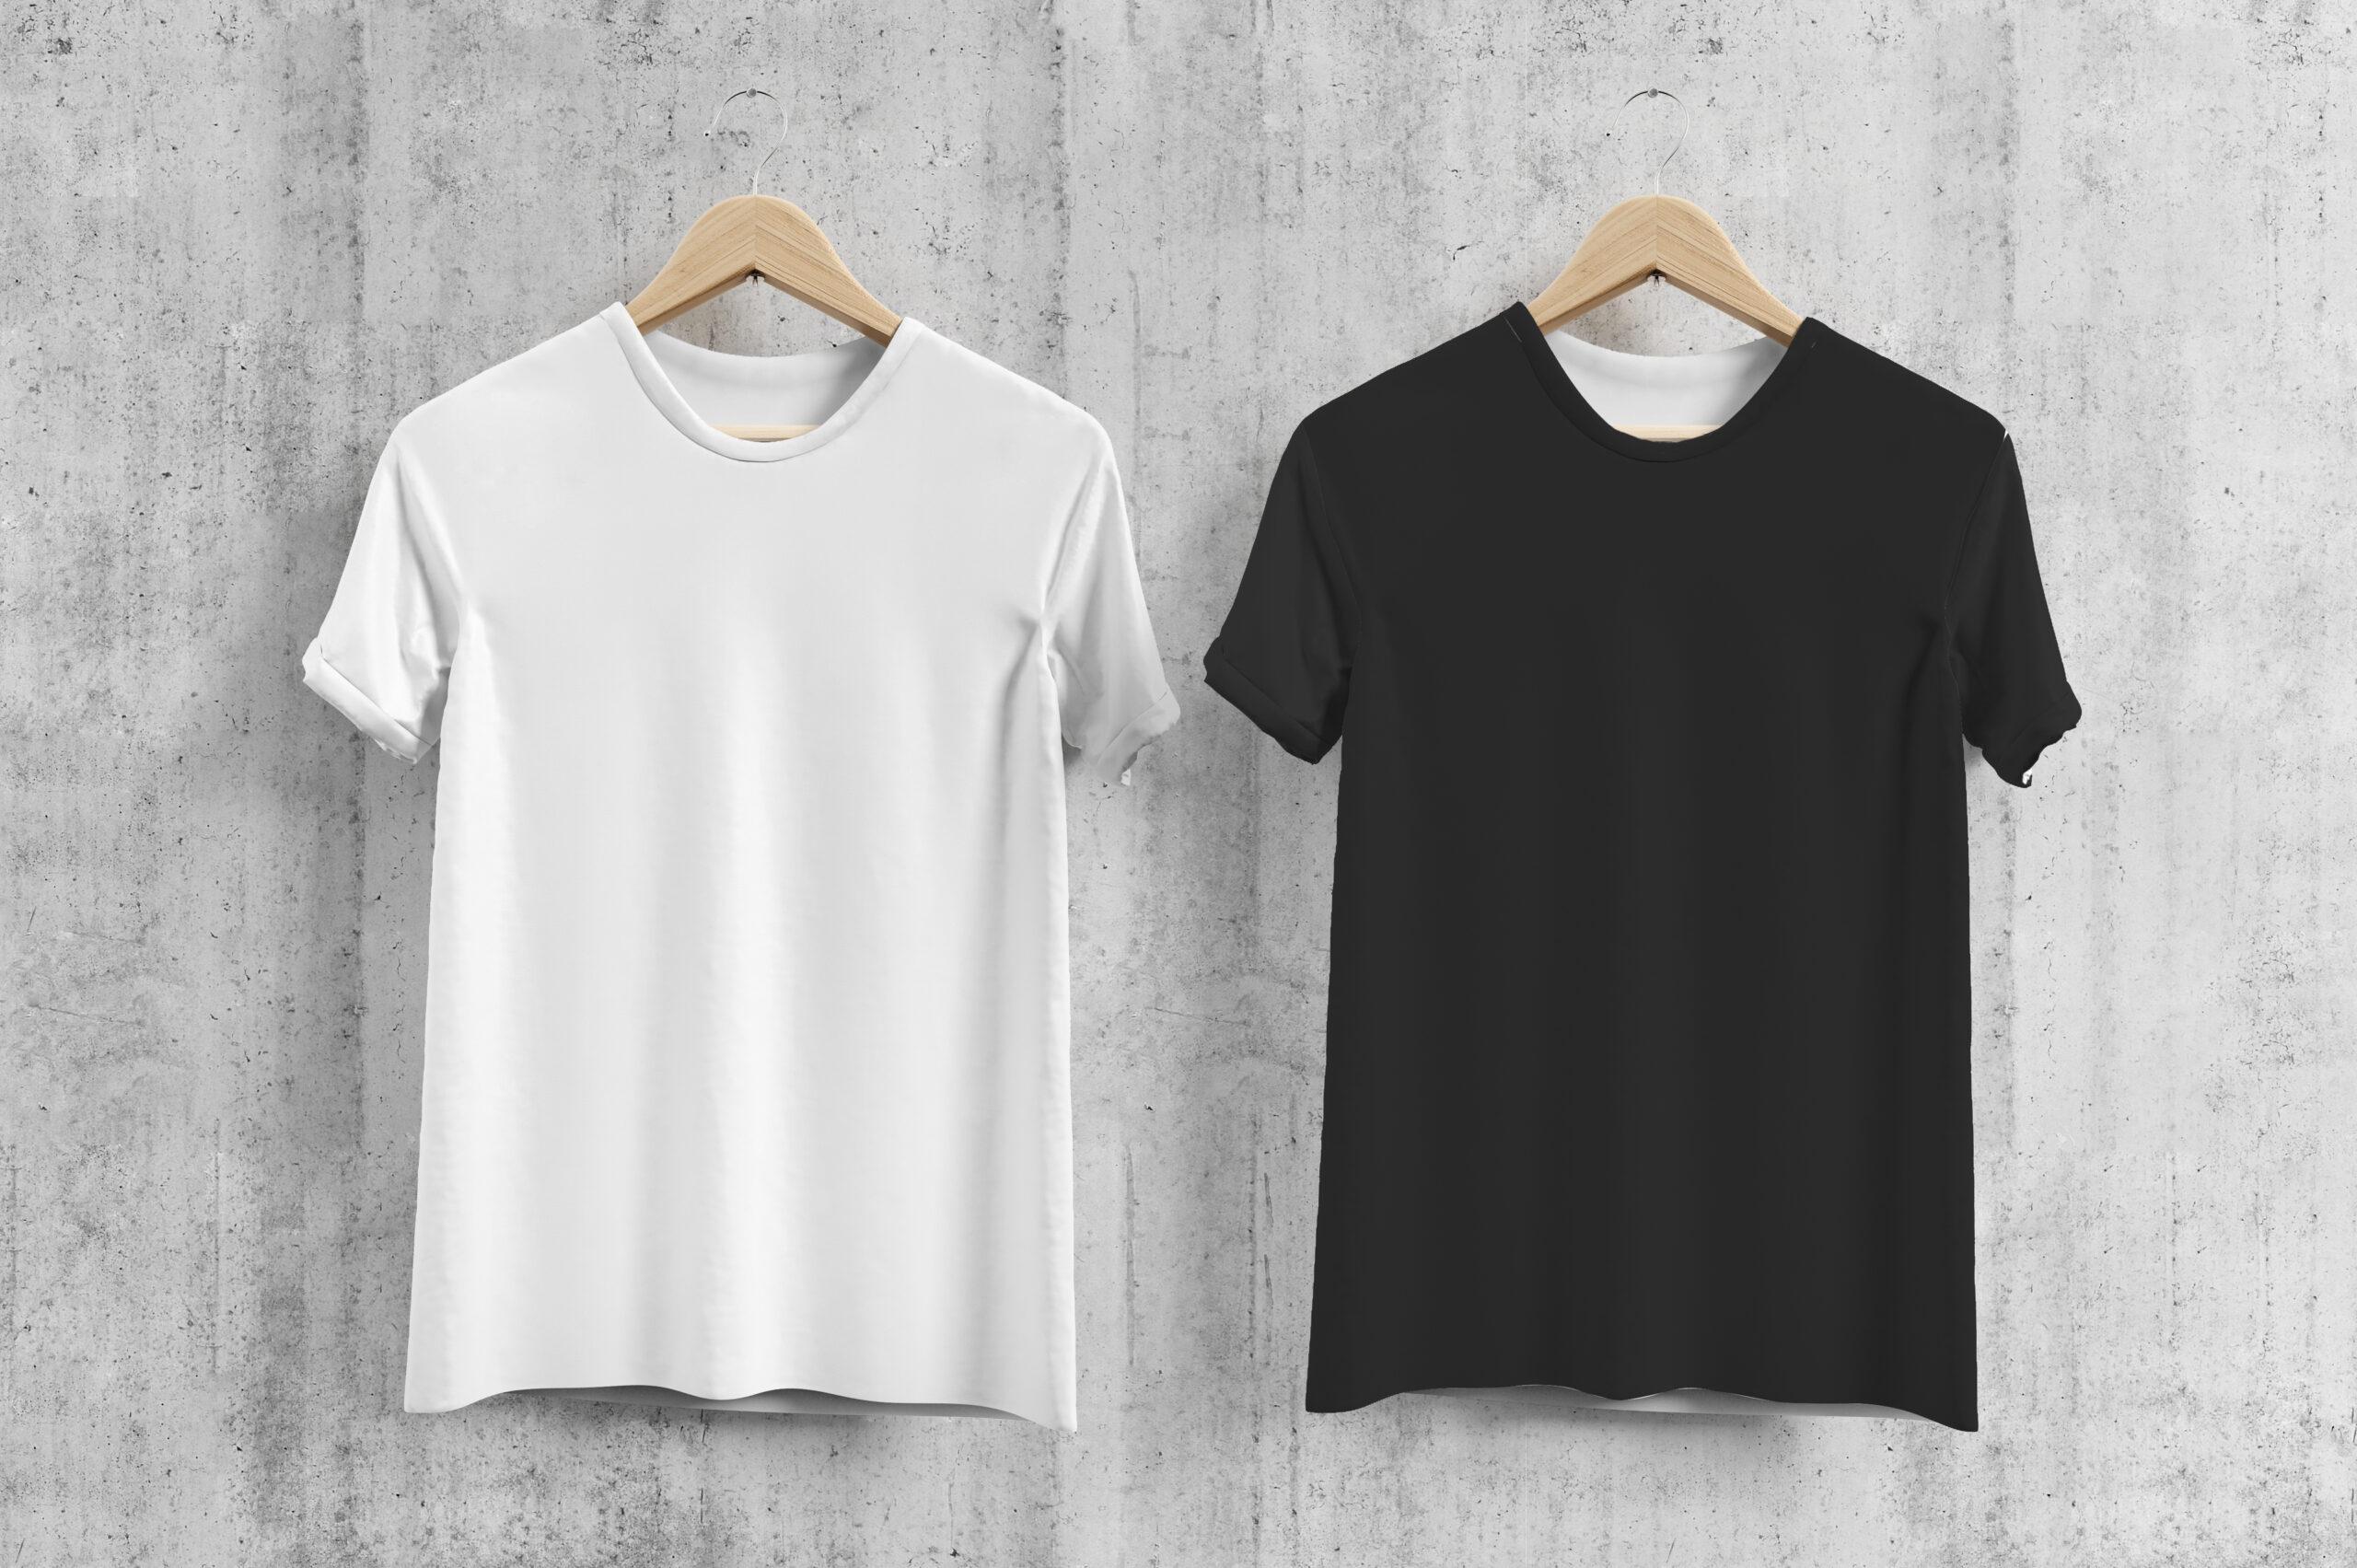 どっちのTシャツをコーデする?